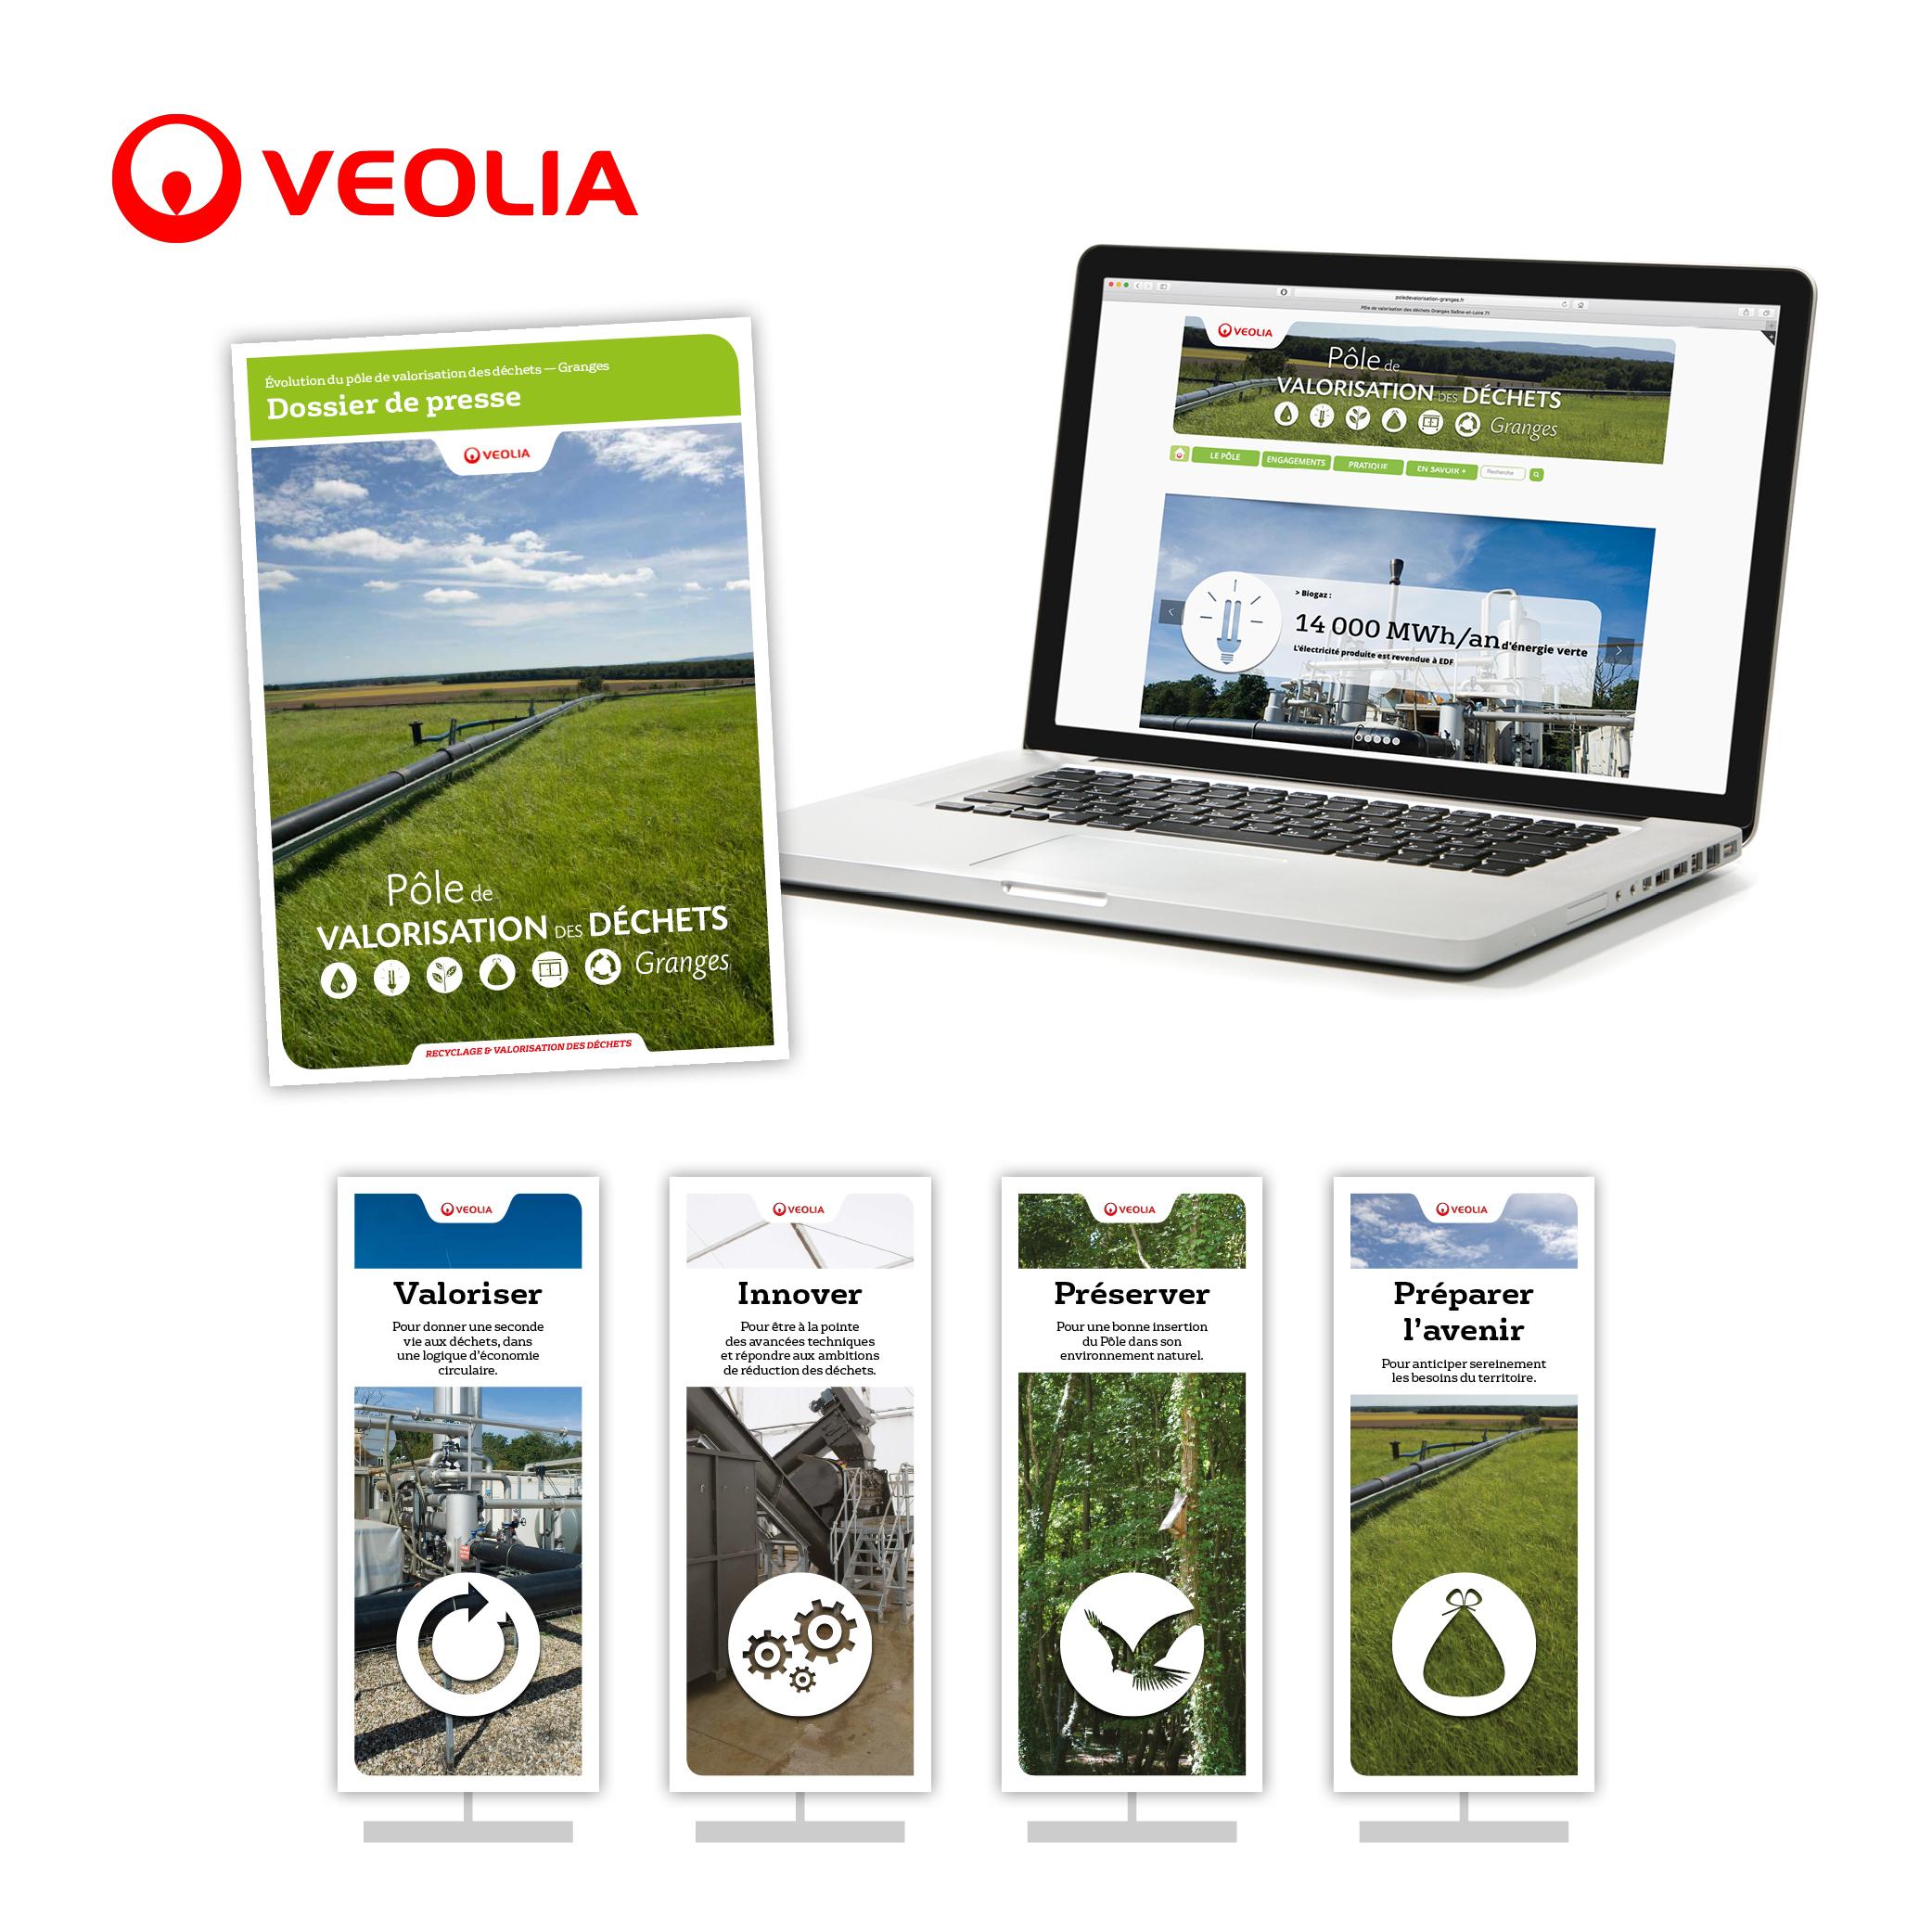 Veolia, pôle de valorisation des déchets de Granges, Saône-et-Loire par Cités Plume, agence de communication à Villeurbanne, Rhône